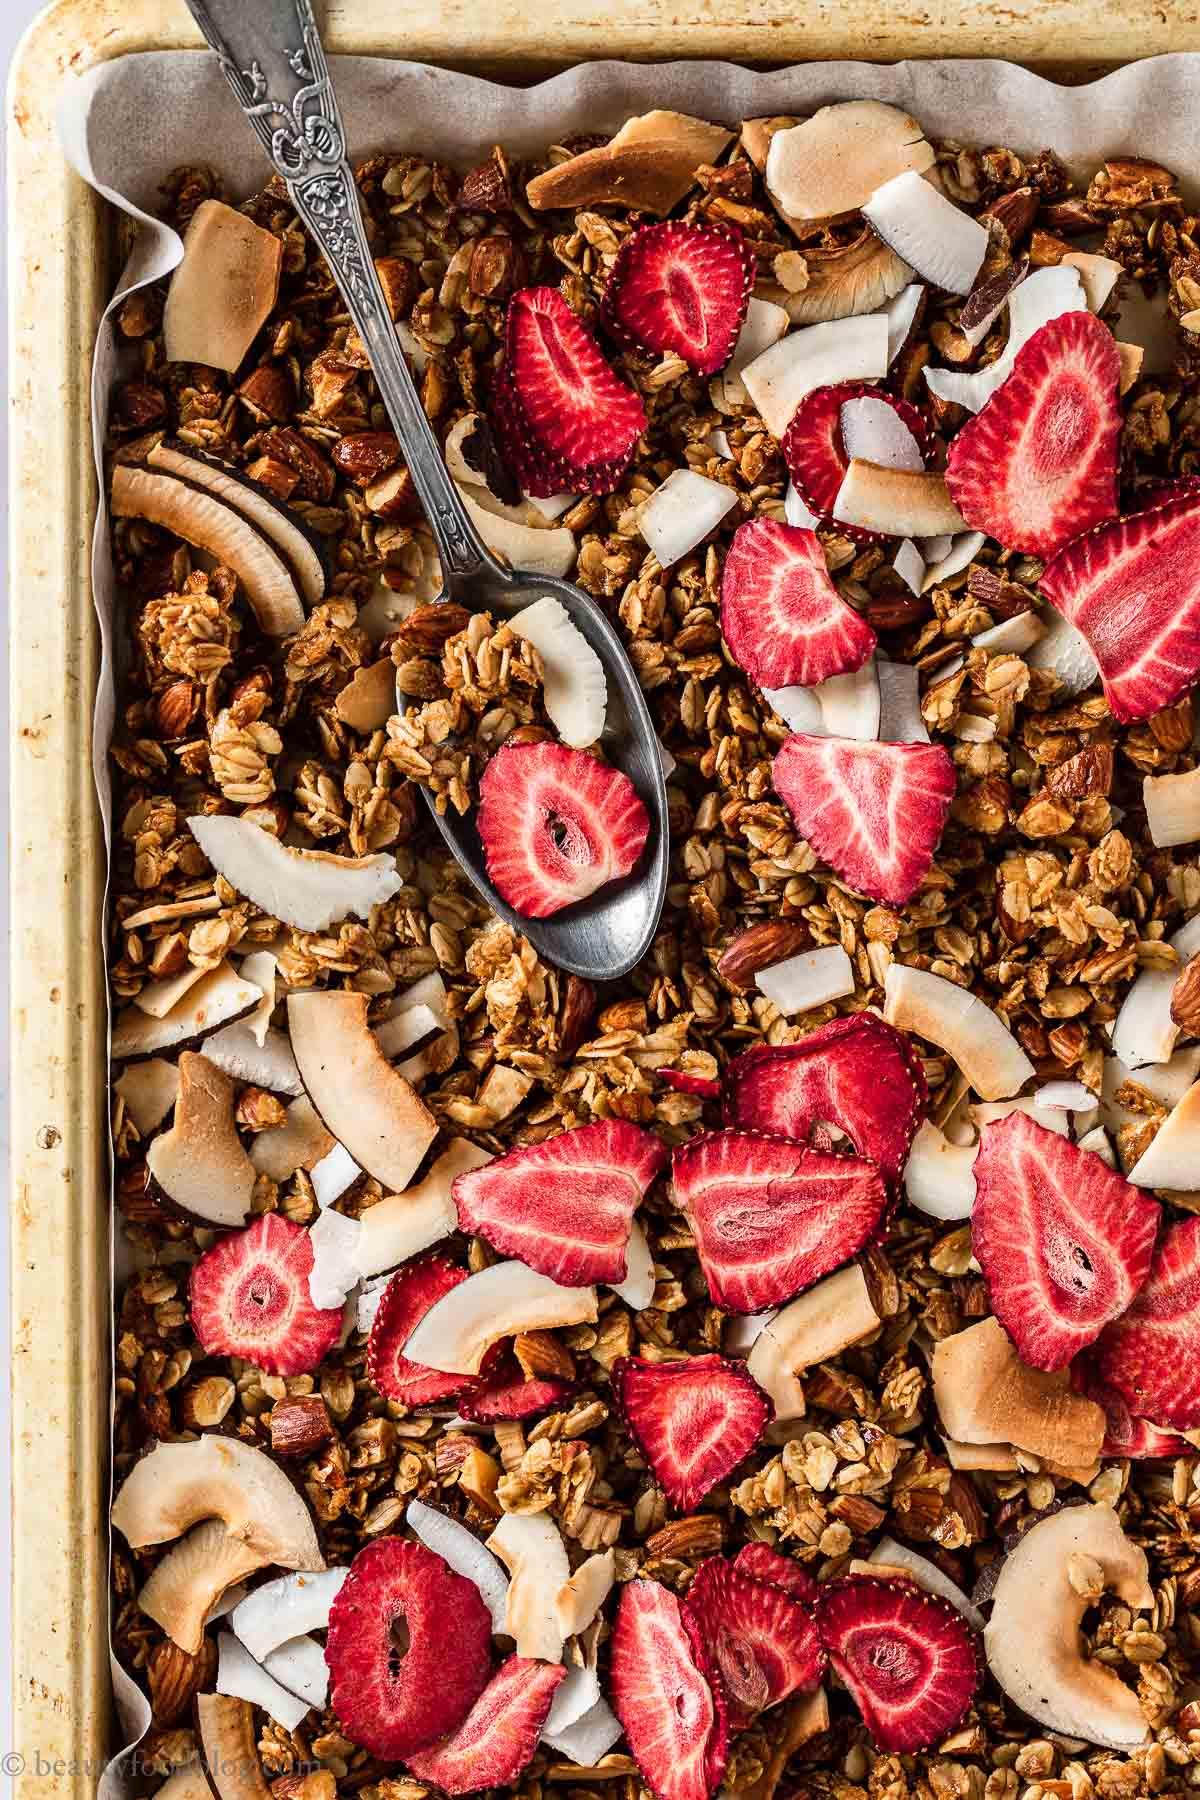 cetta granola croccante cocco e fragole senza glutine CRUNCHY VEGAN COCONUT STRAWBERRY GRANOLA GLUTEN-FREE